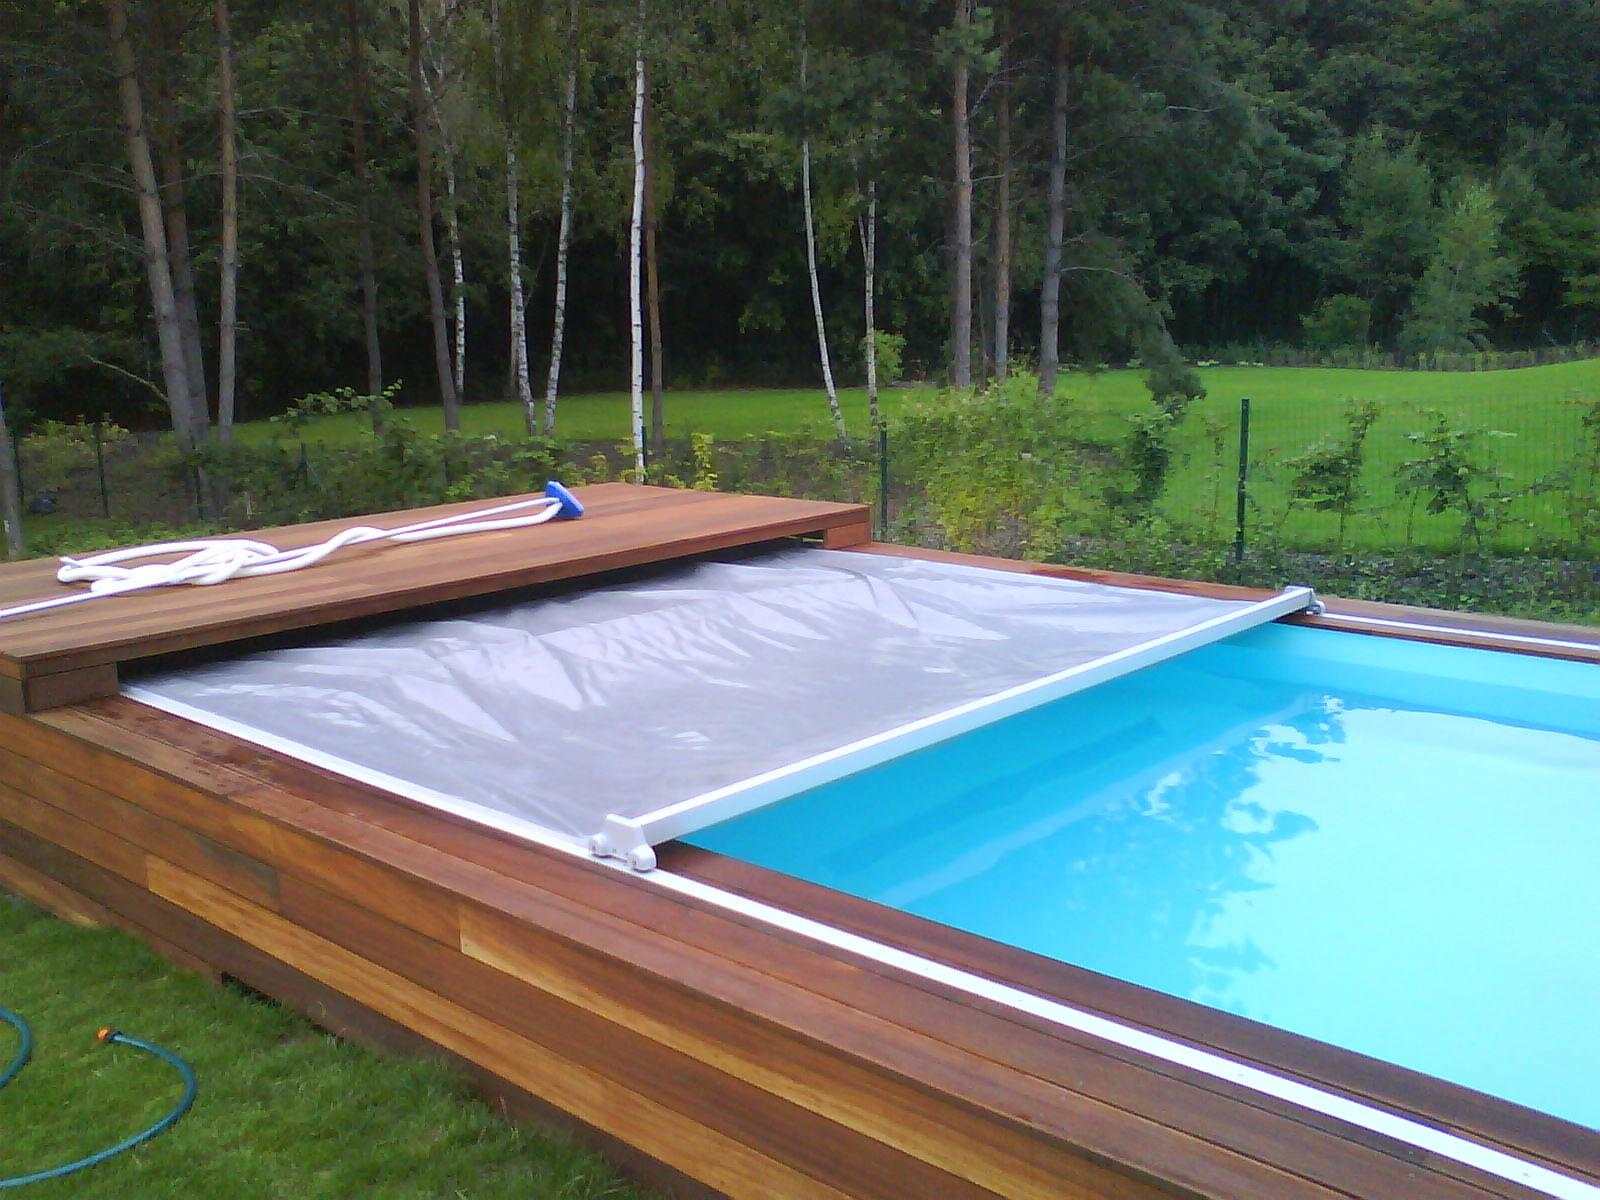 zakrytí bazénu mechanickou lachtou